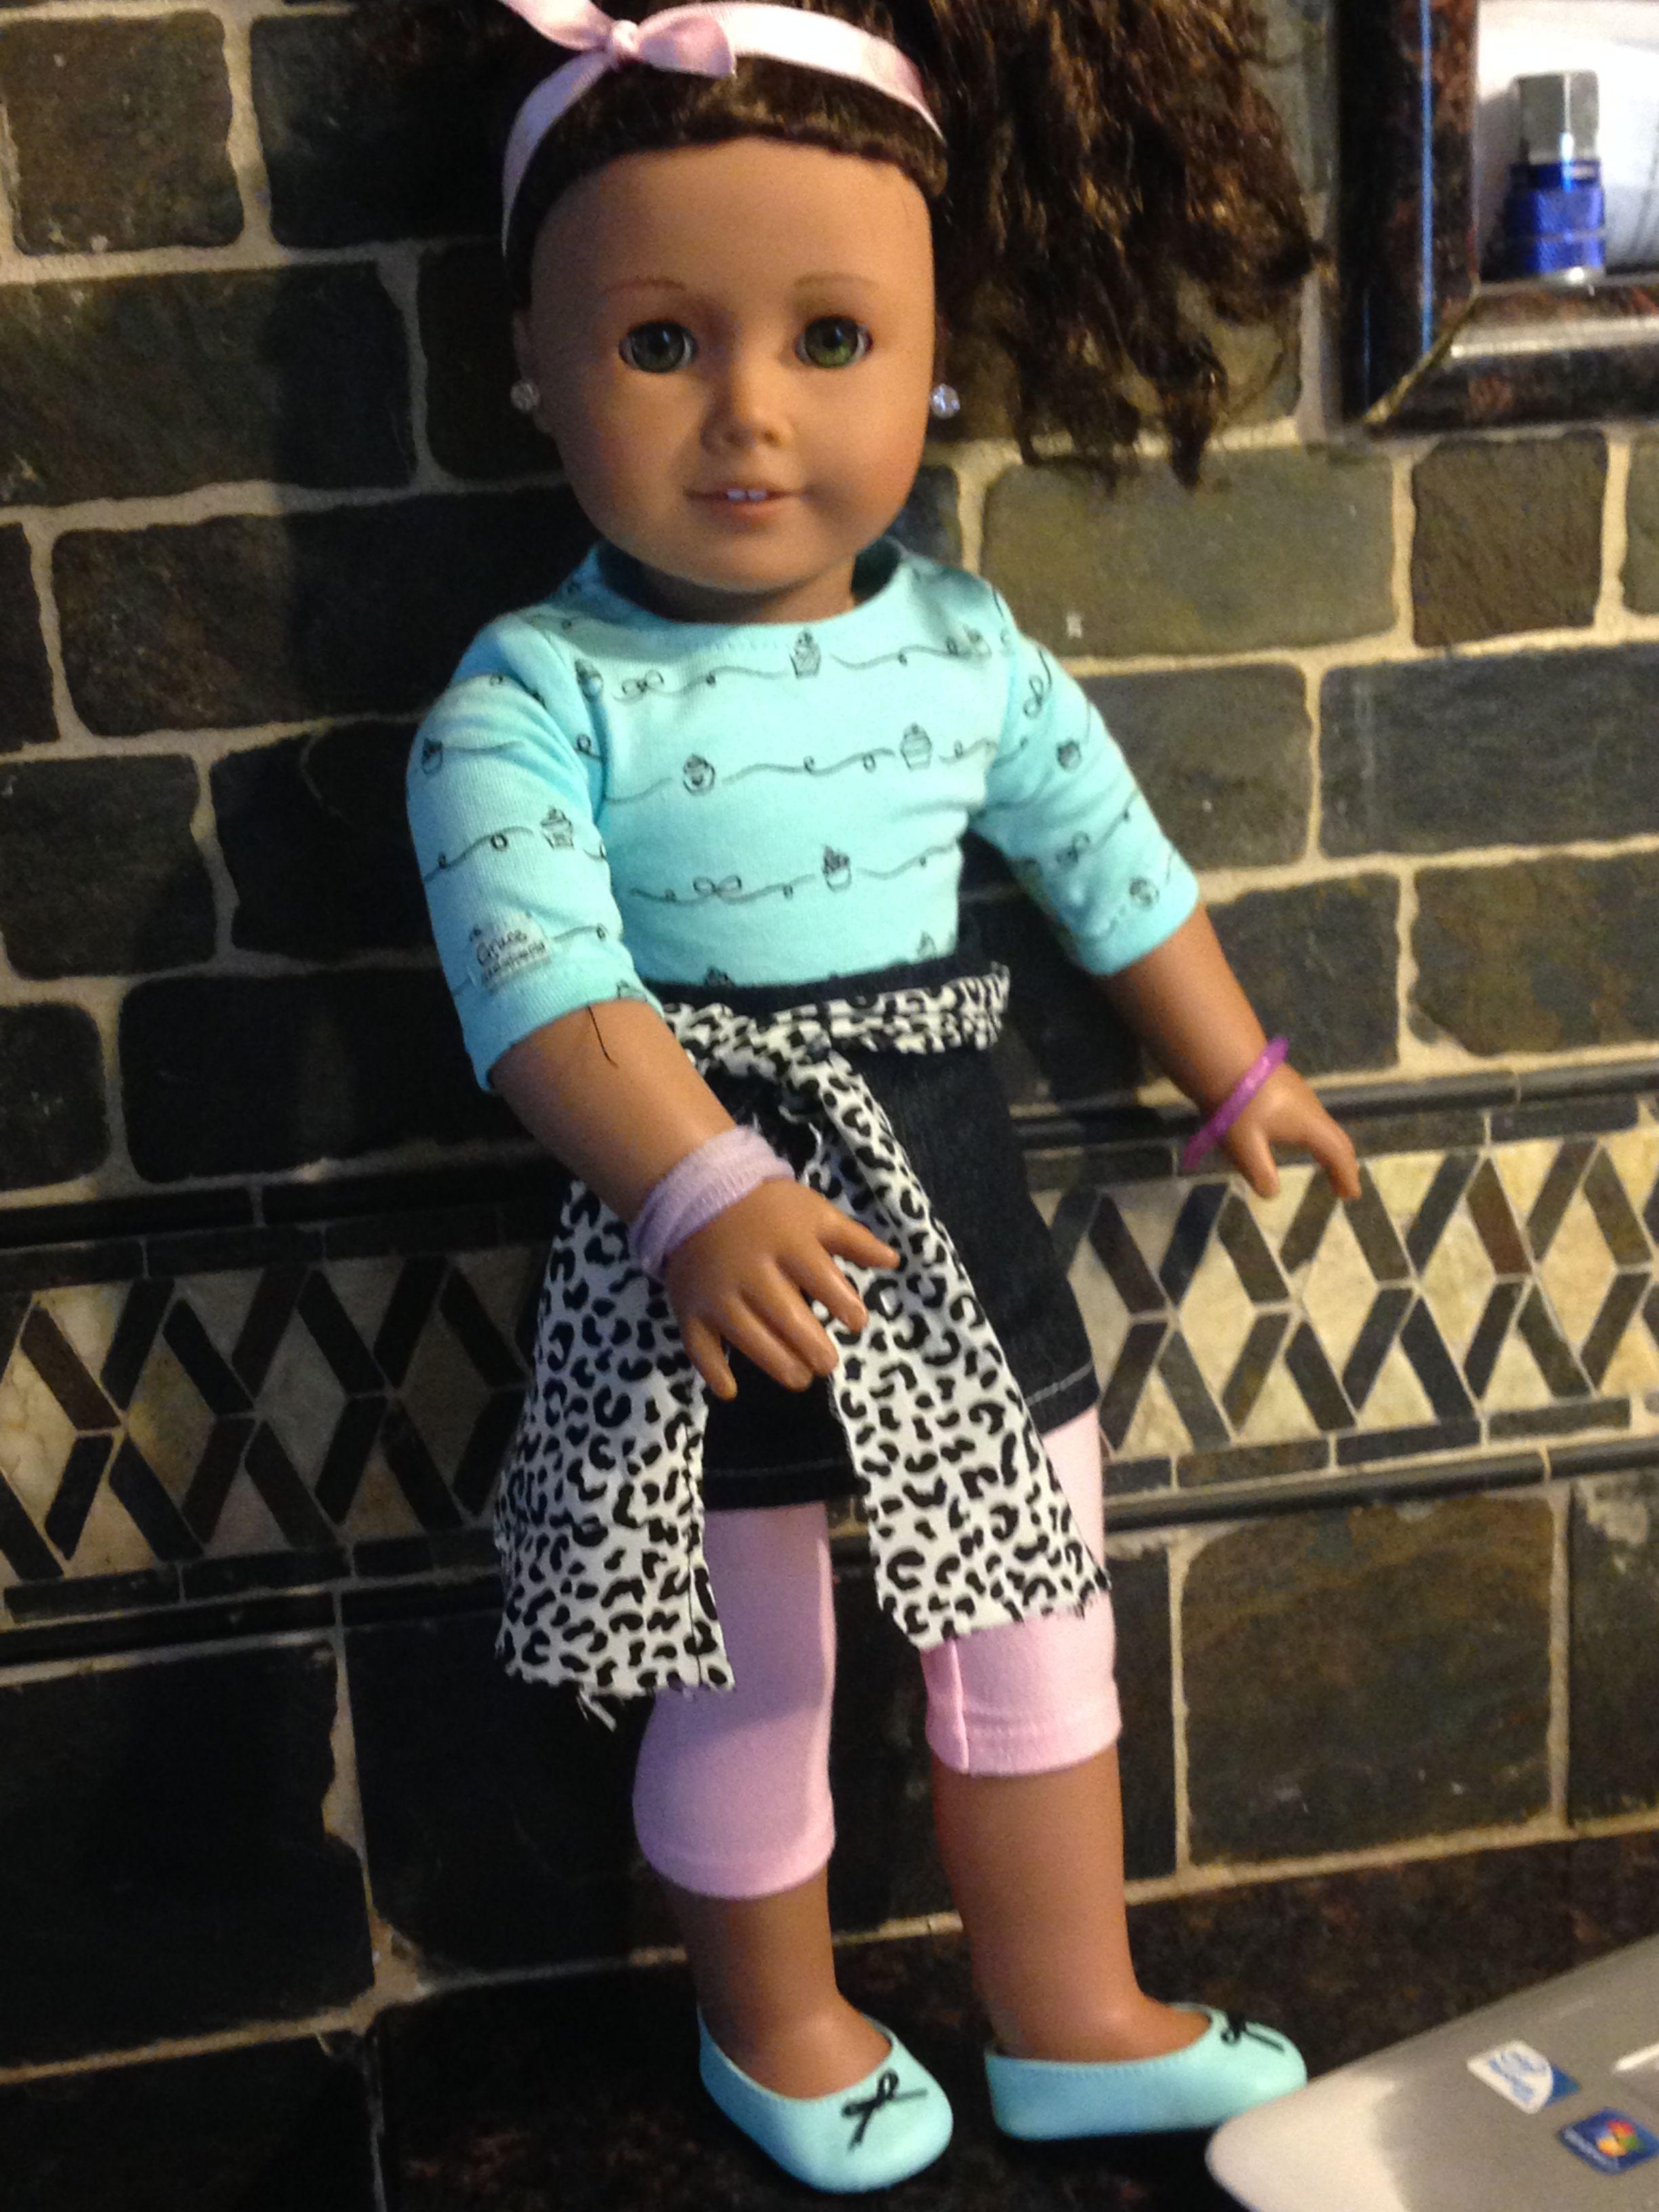 Pin by andréa porter on felicia tyler eden pinterest girl doll